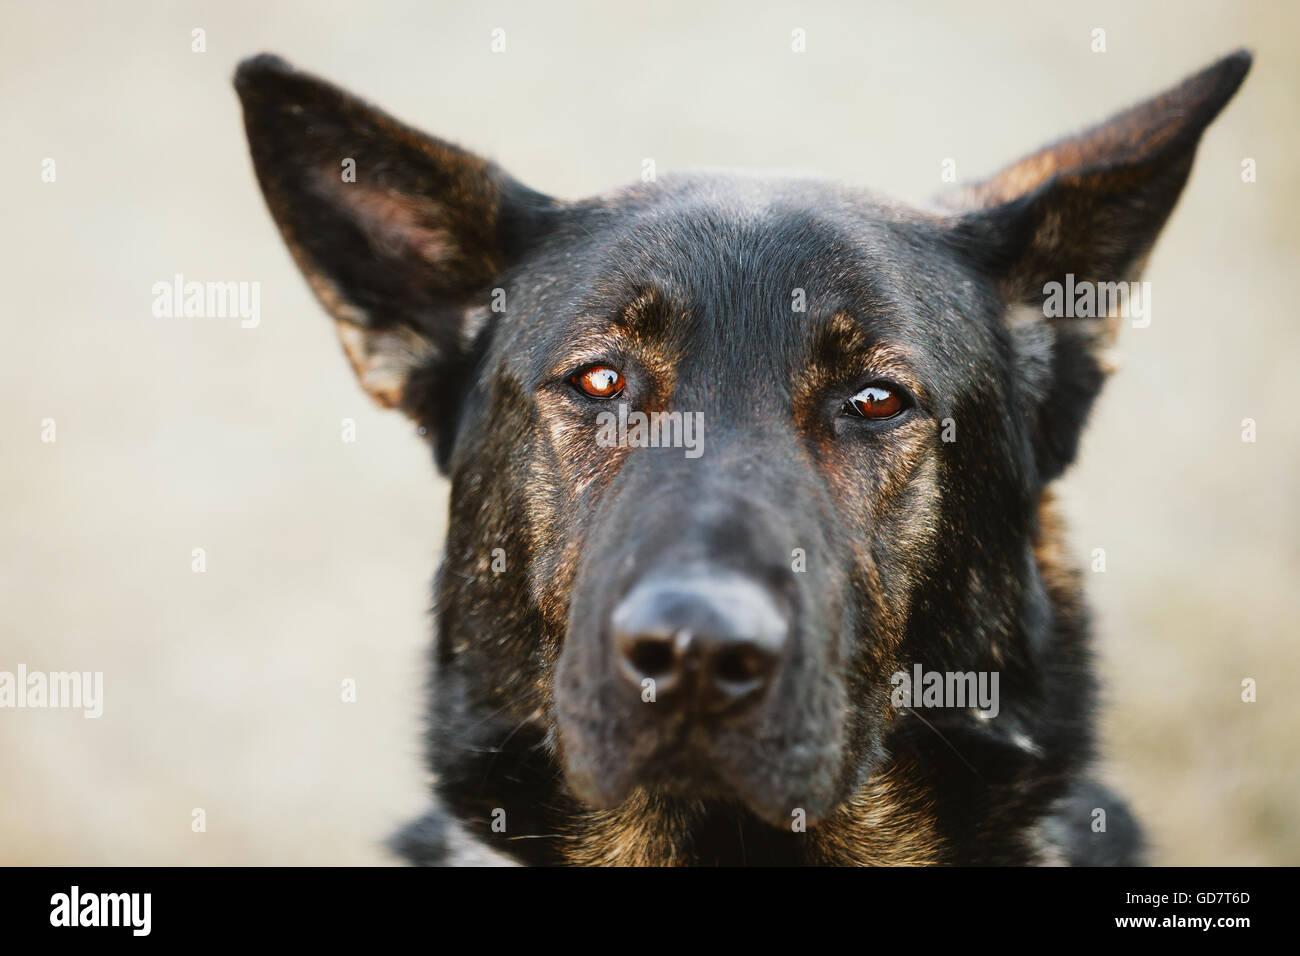 German Shepherd Dog Close Up Portrait. Alsatian Wolf Dog. Deutscher Dog - Stock Image